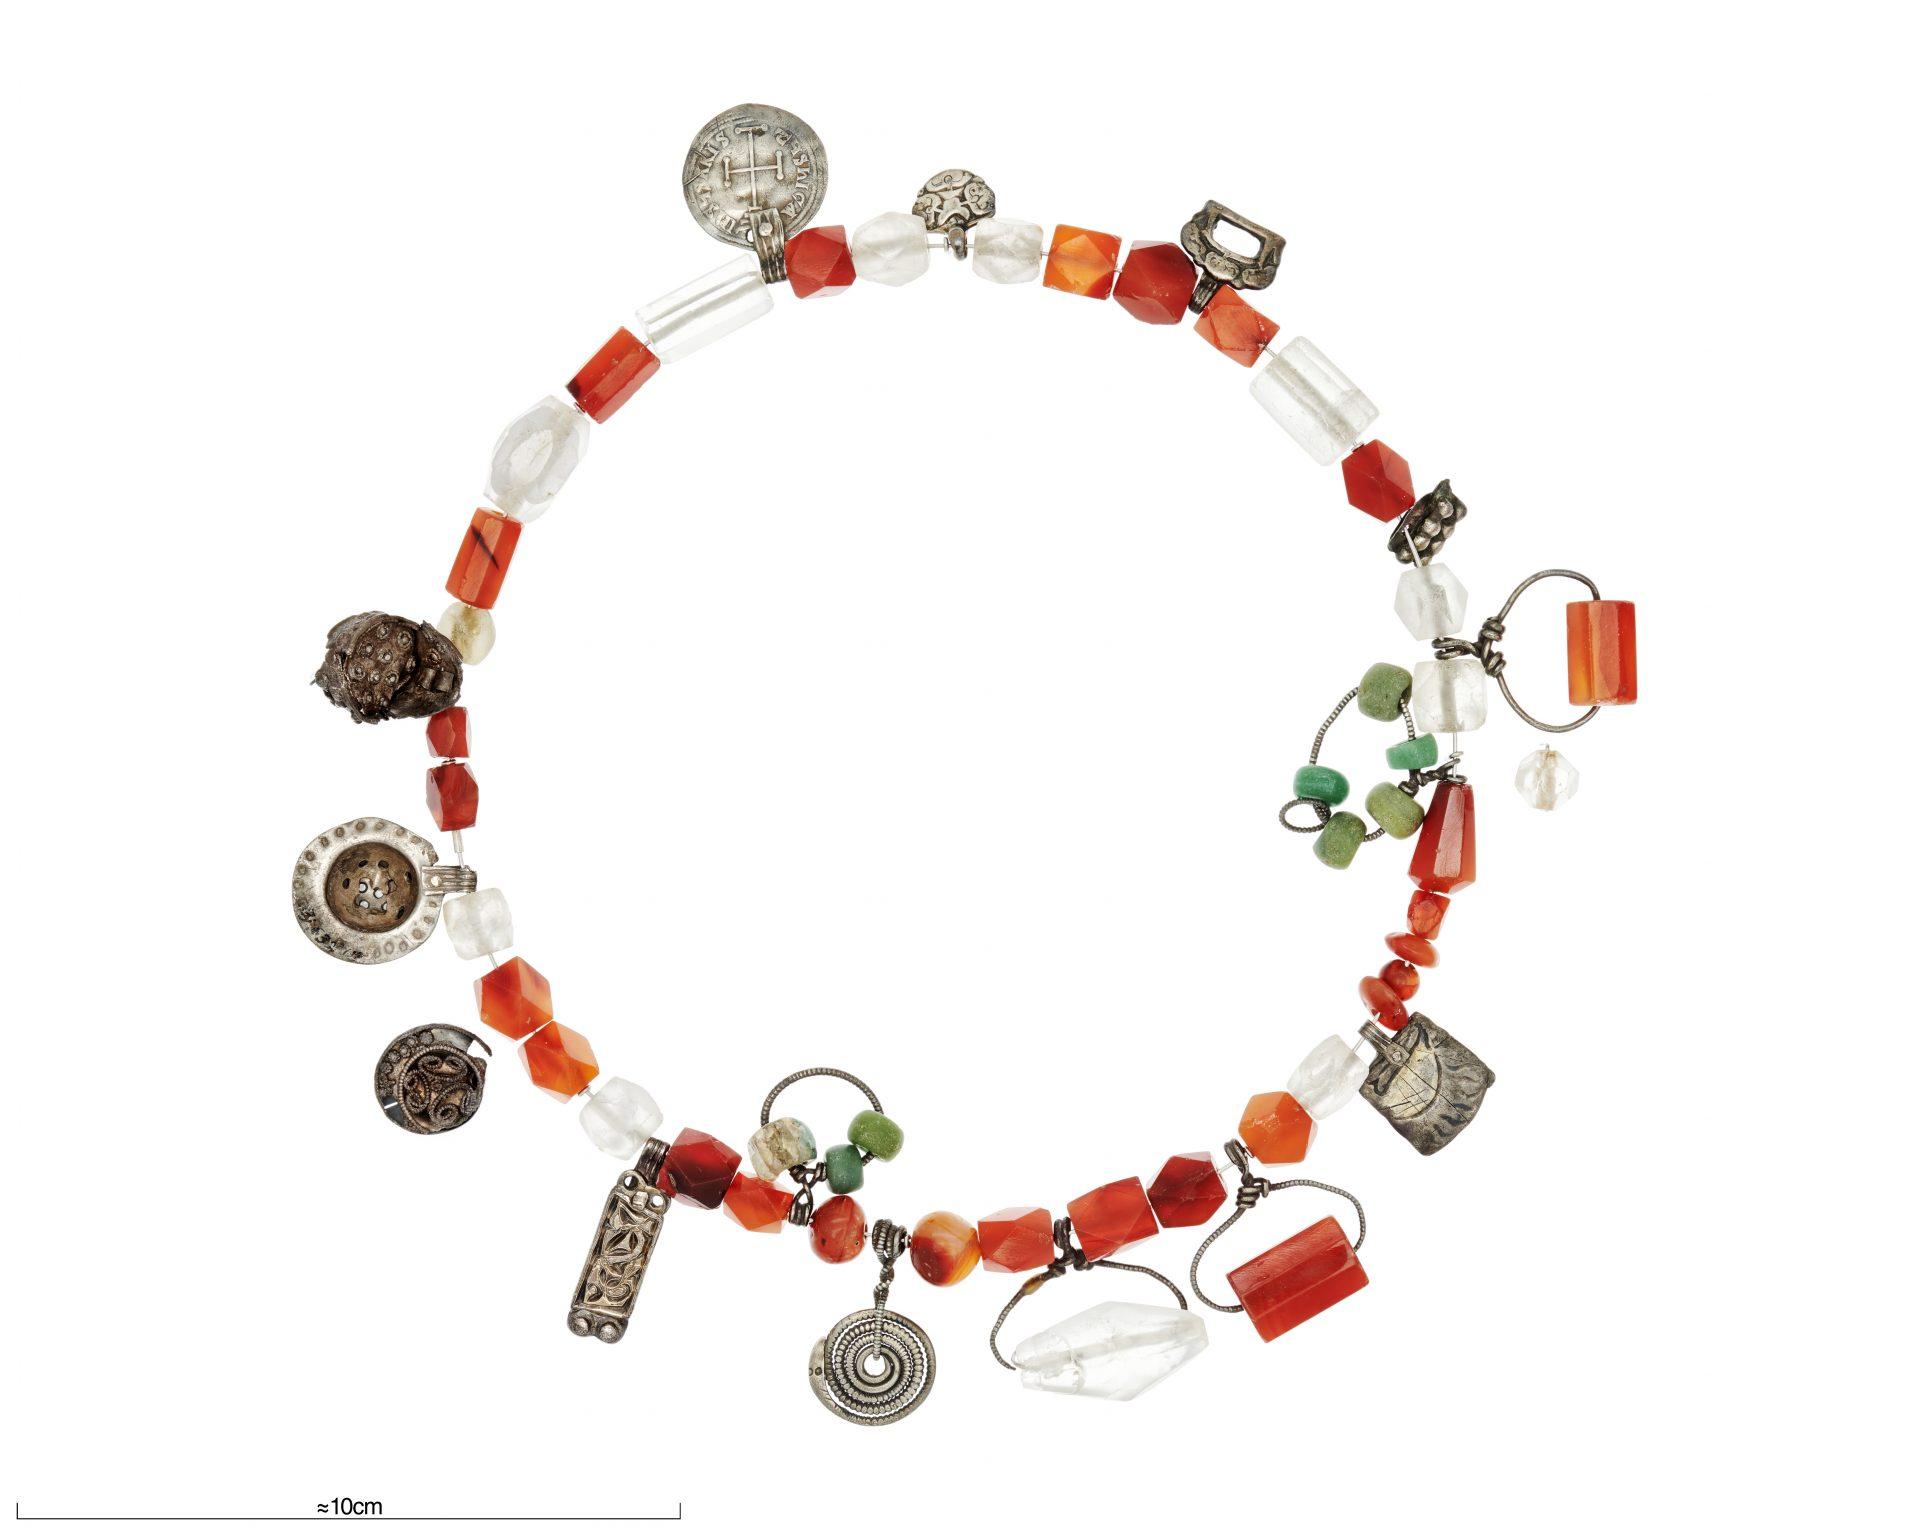 Ett halsband med glaspärlor och hängen av metall.